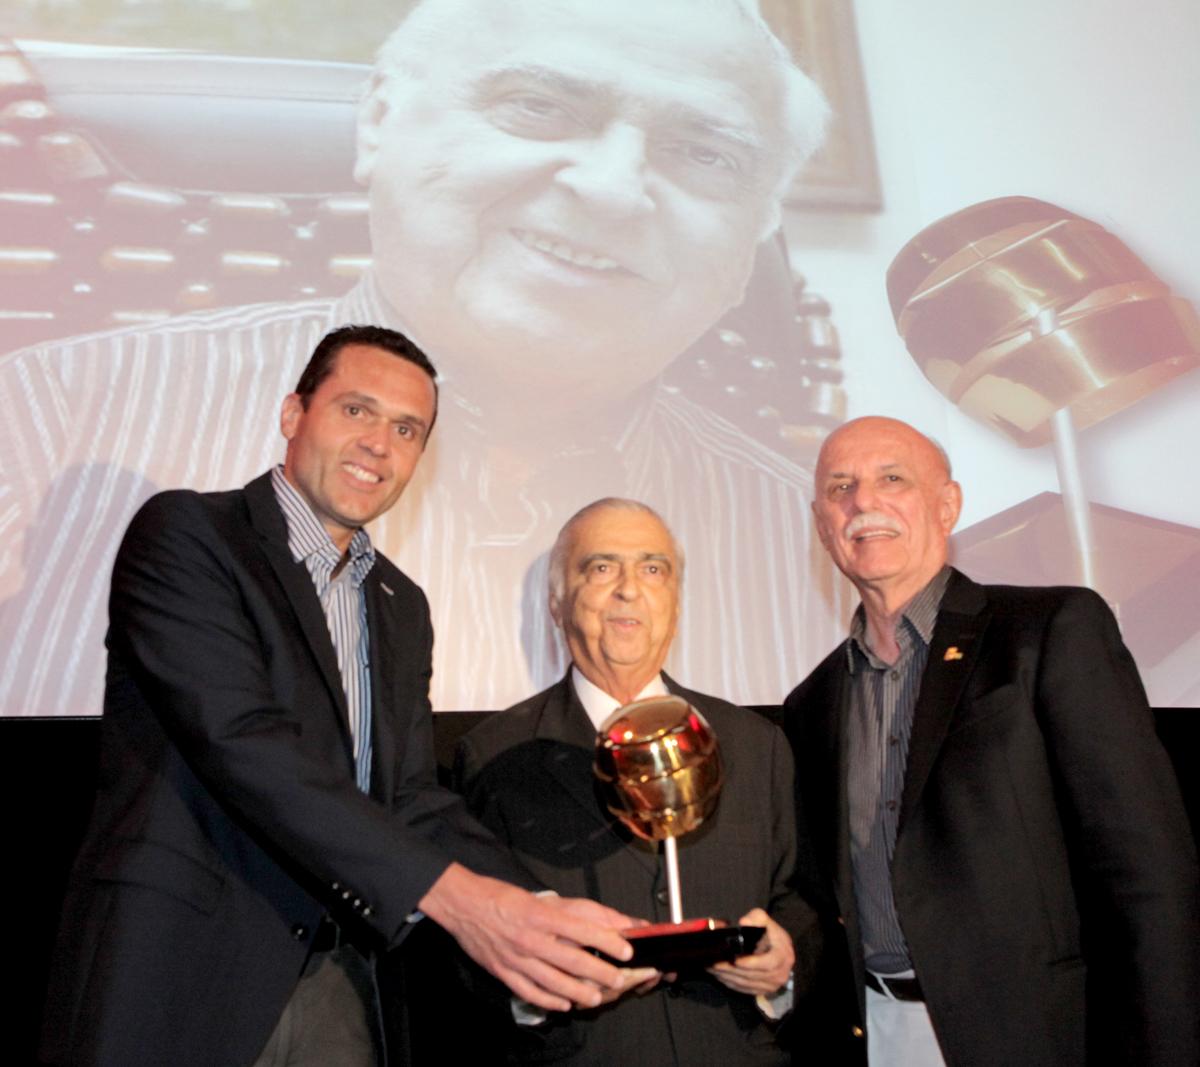 Solenidade de entrega do Prêmio CDL de Comunicação à Edilmar Norões